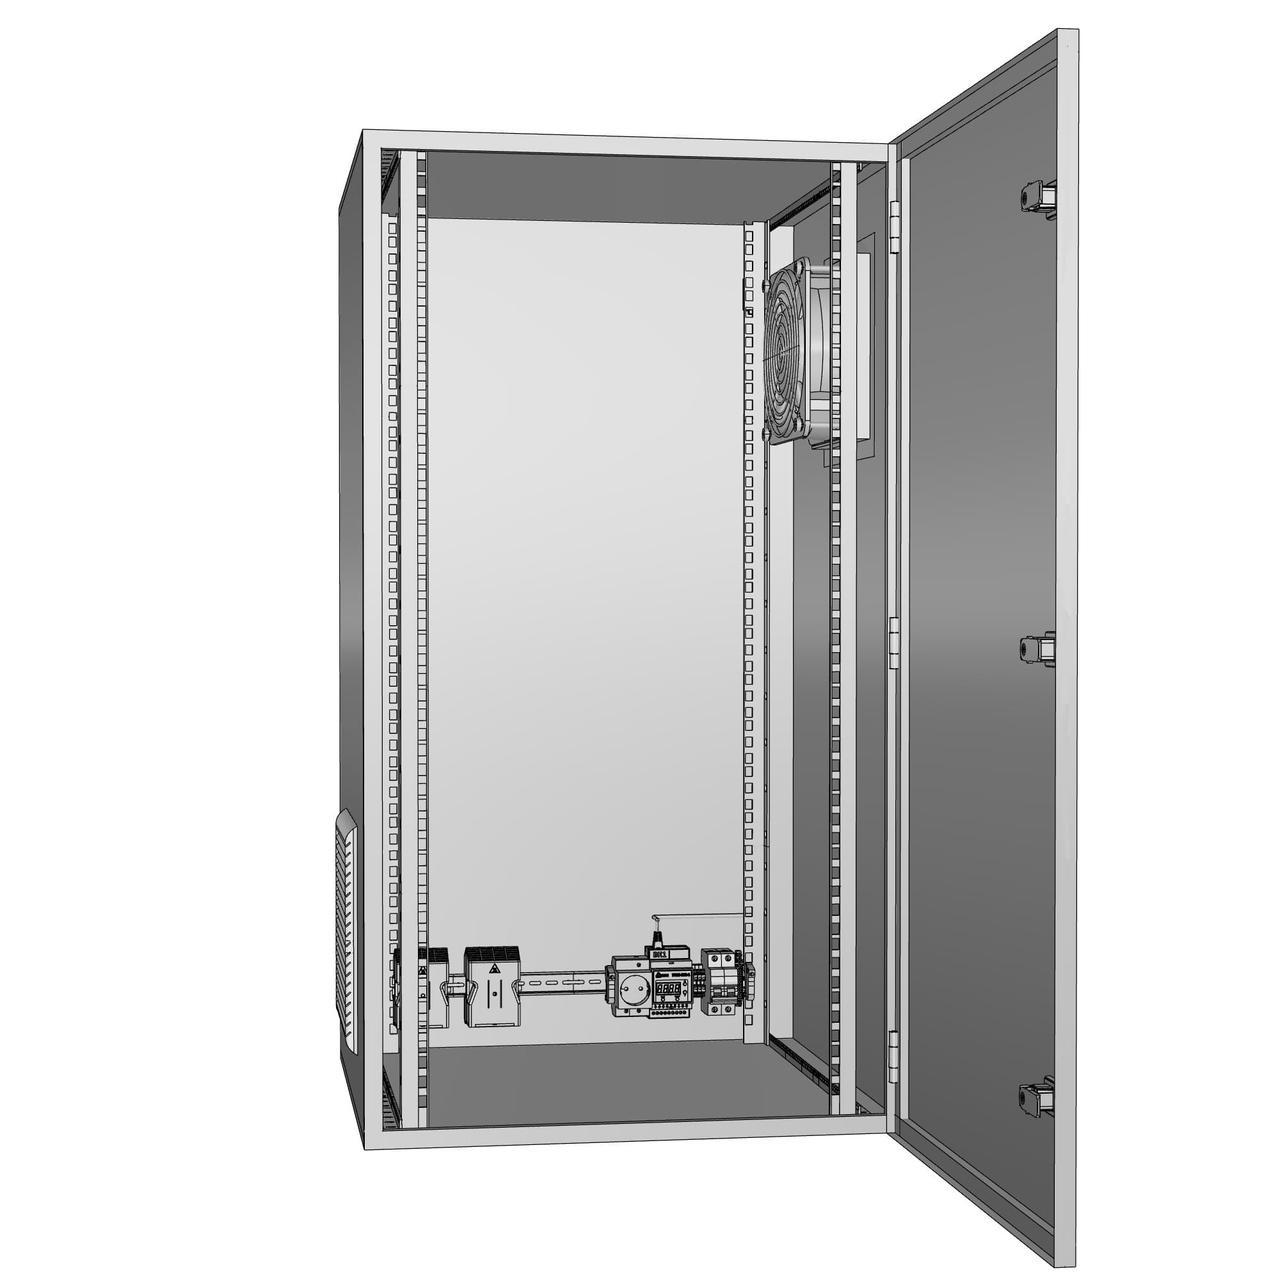 Щит климатический утеплённый ЩКу- 2 - 500×400×250 (В×Ш×Г) IP65